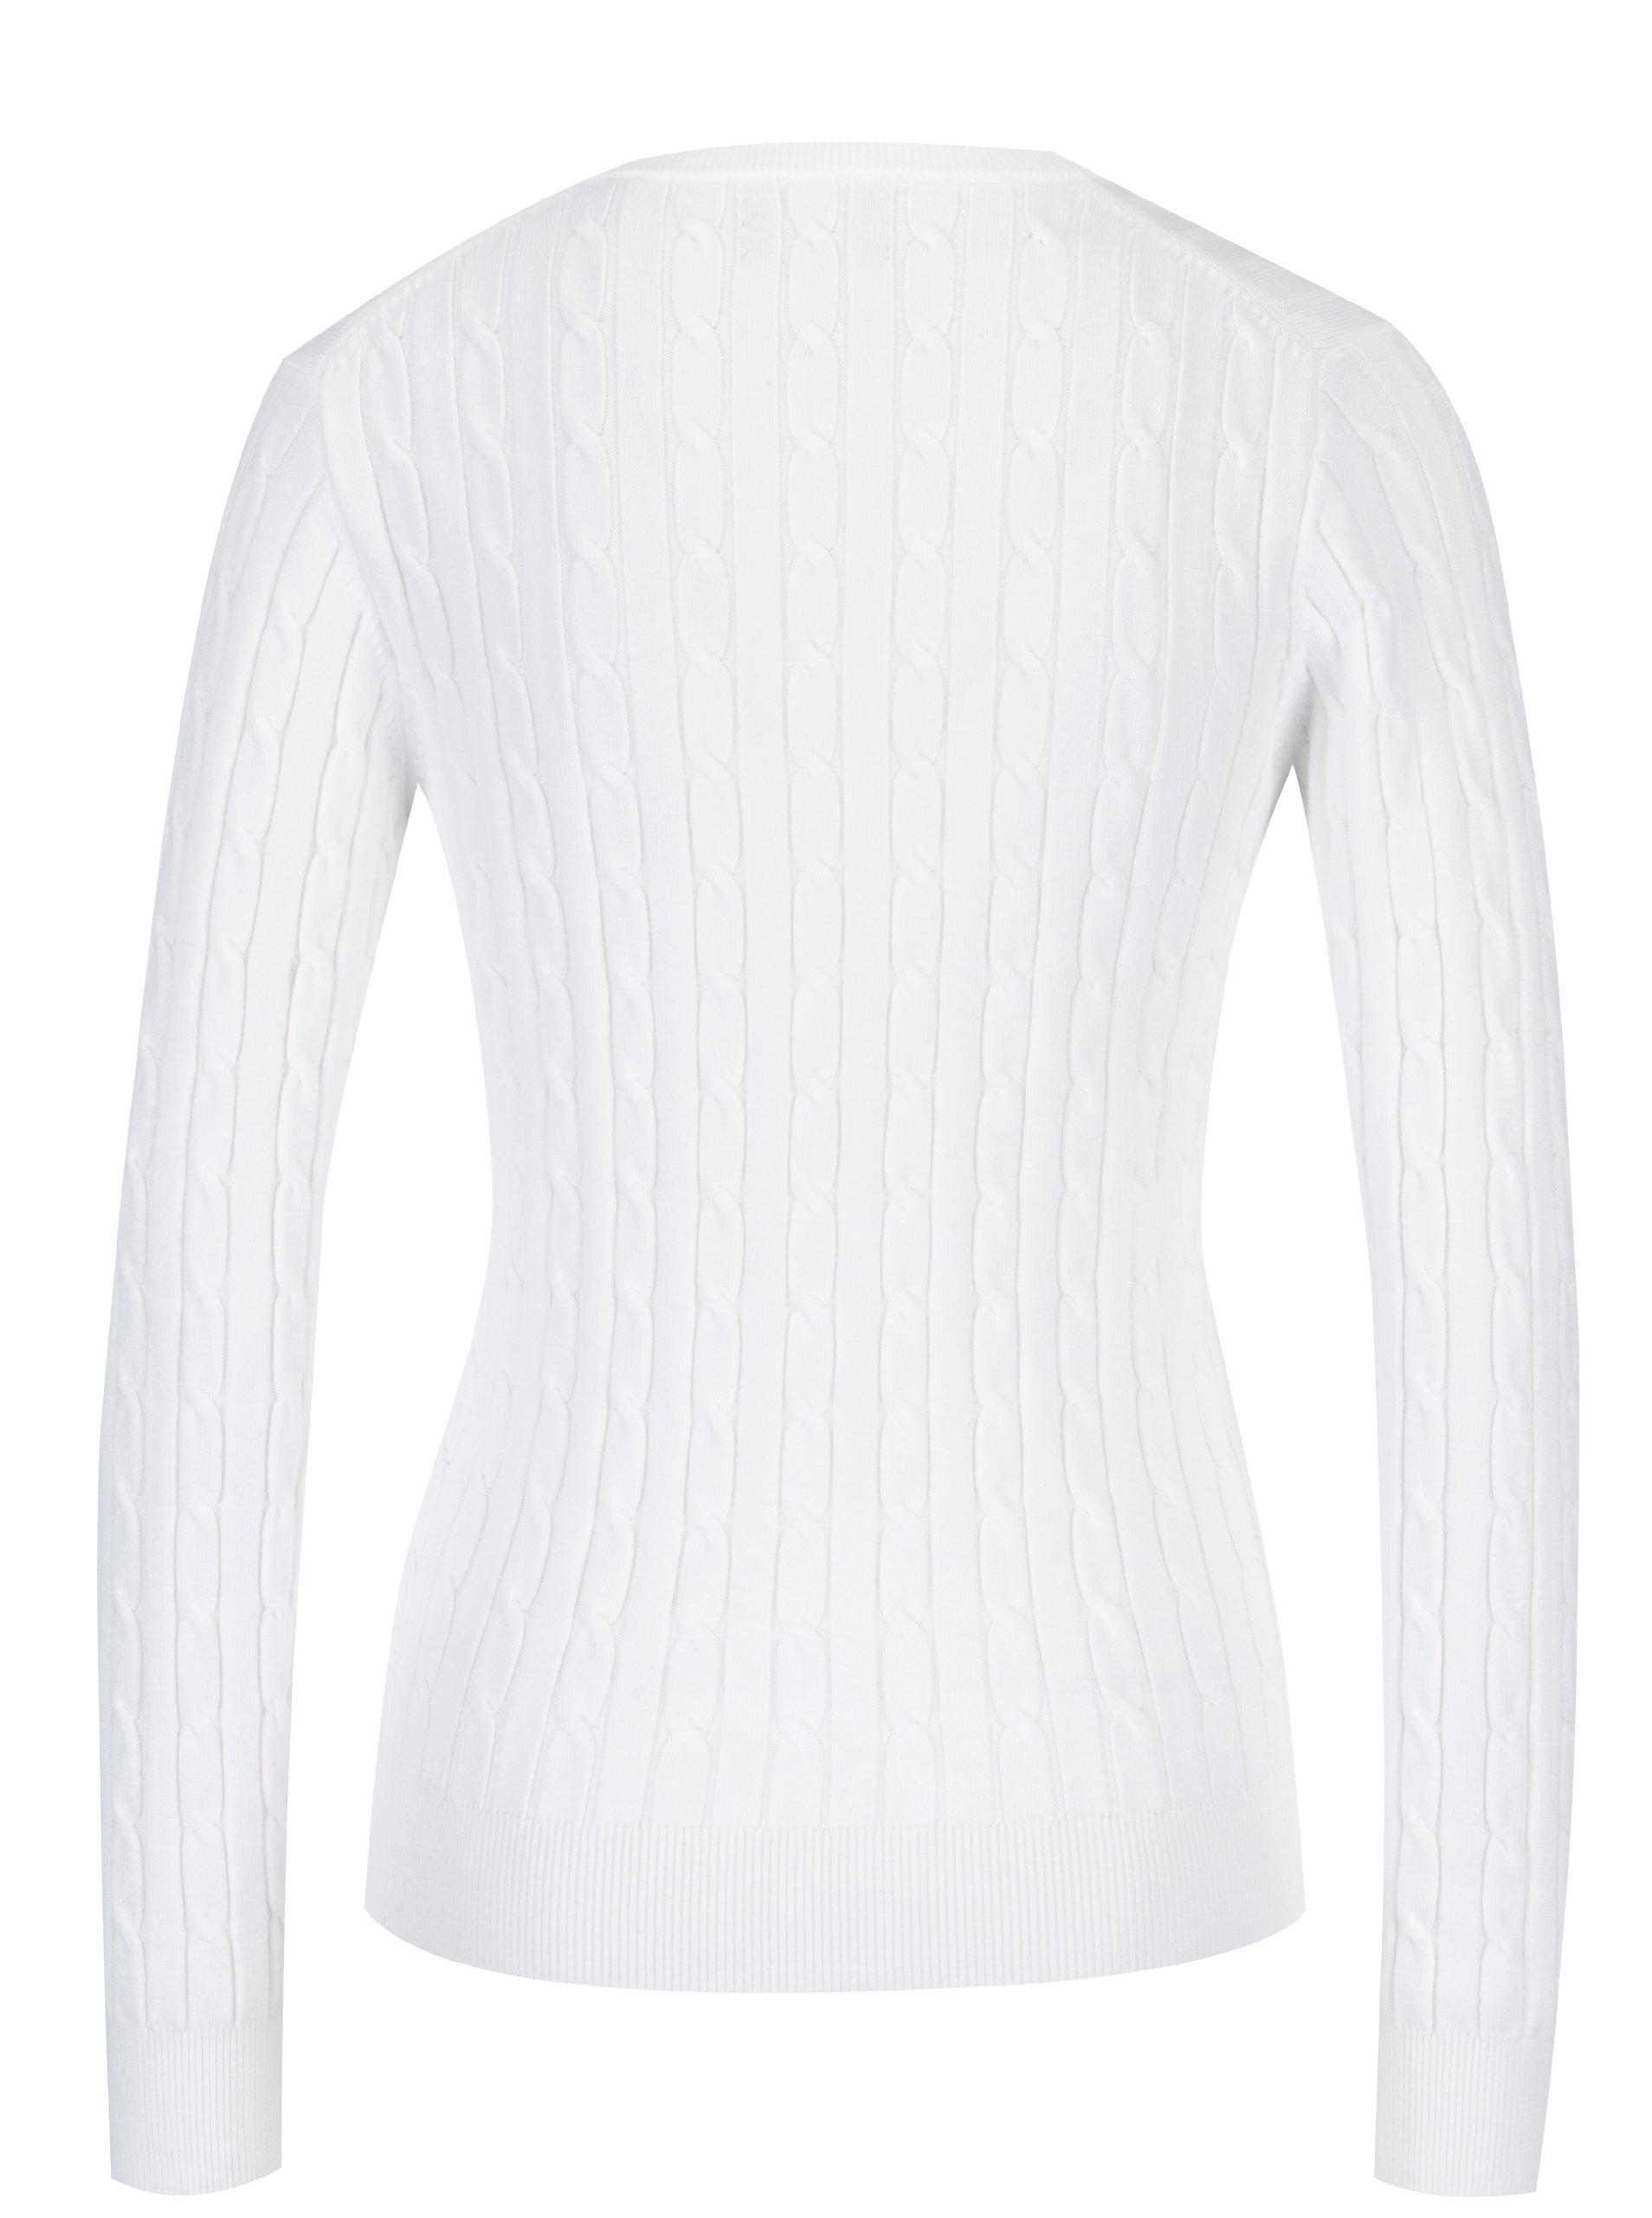 a16c56b3732 Bílý dámský pletený svetr s véčkovým výstřihem GANT ...